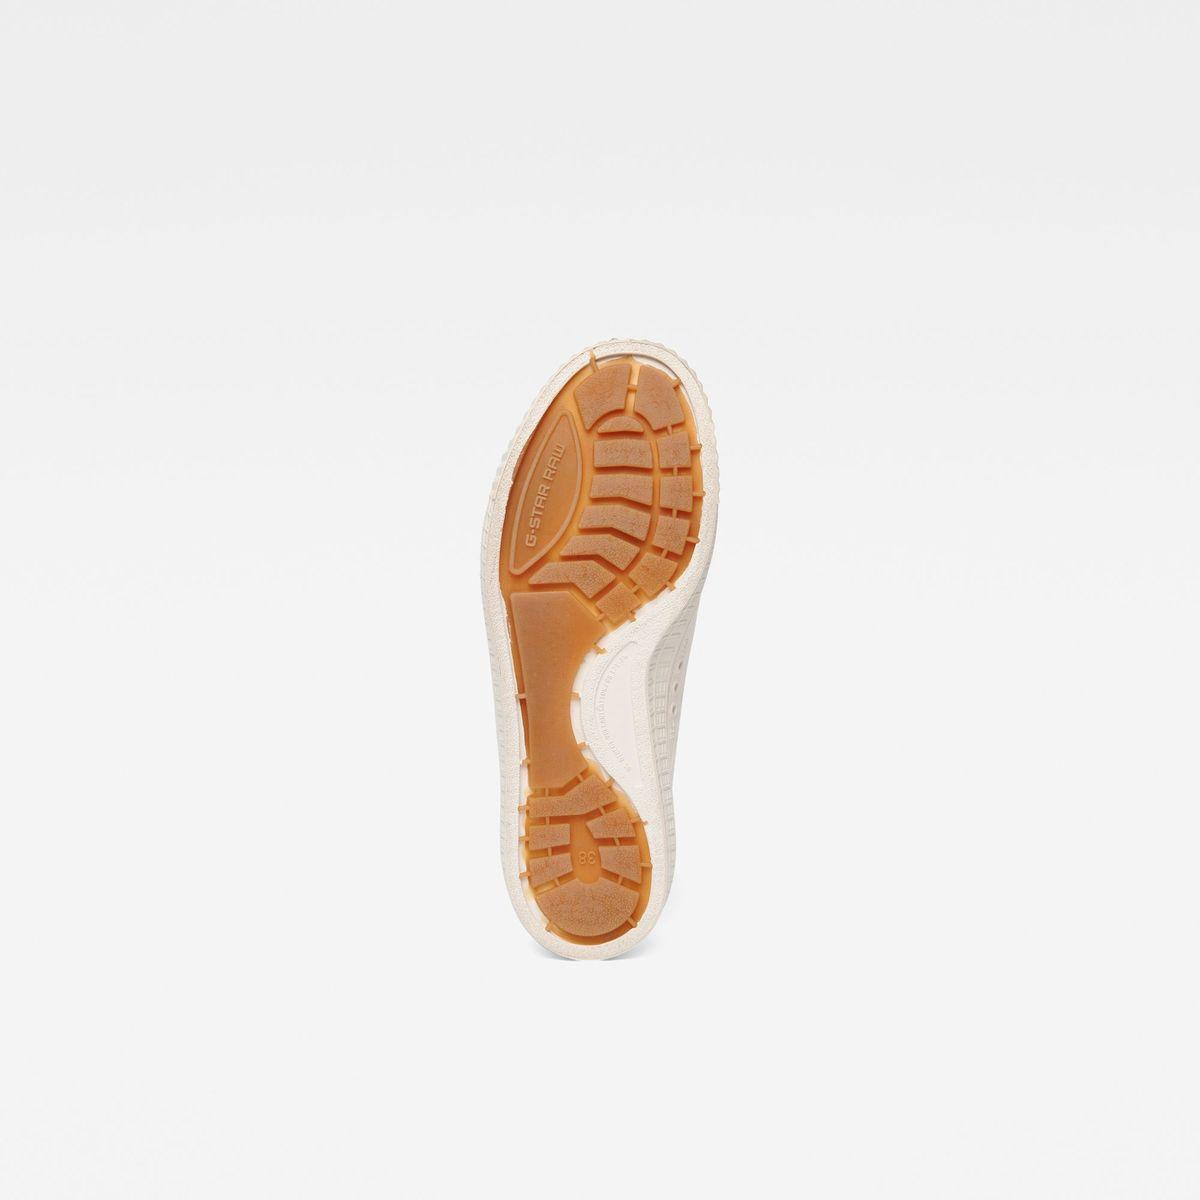 Bild 2 von Rovulc Denim Sneakers